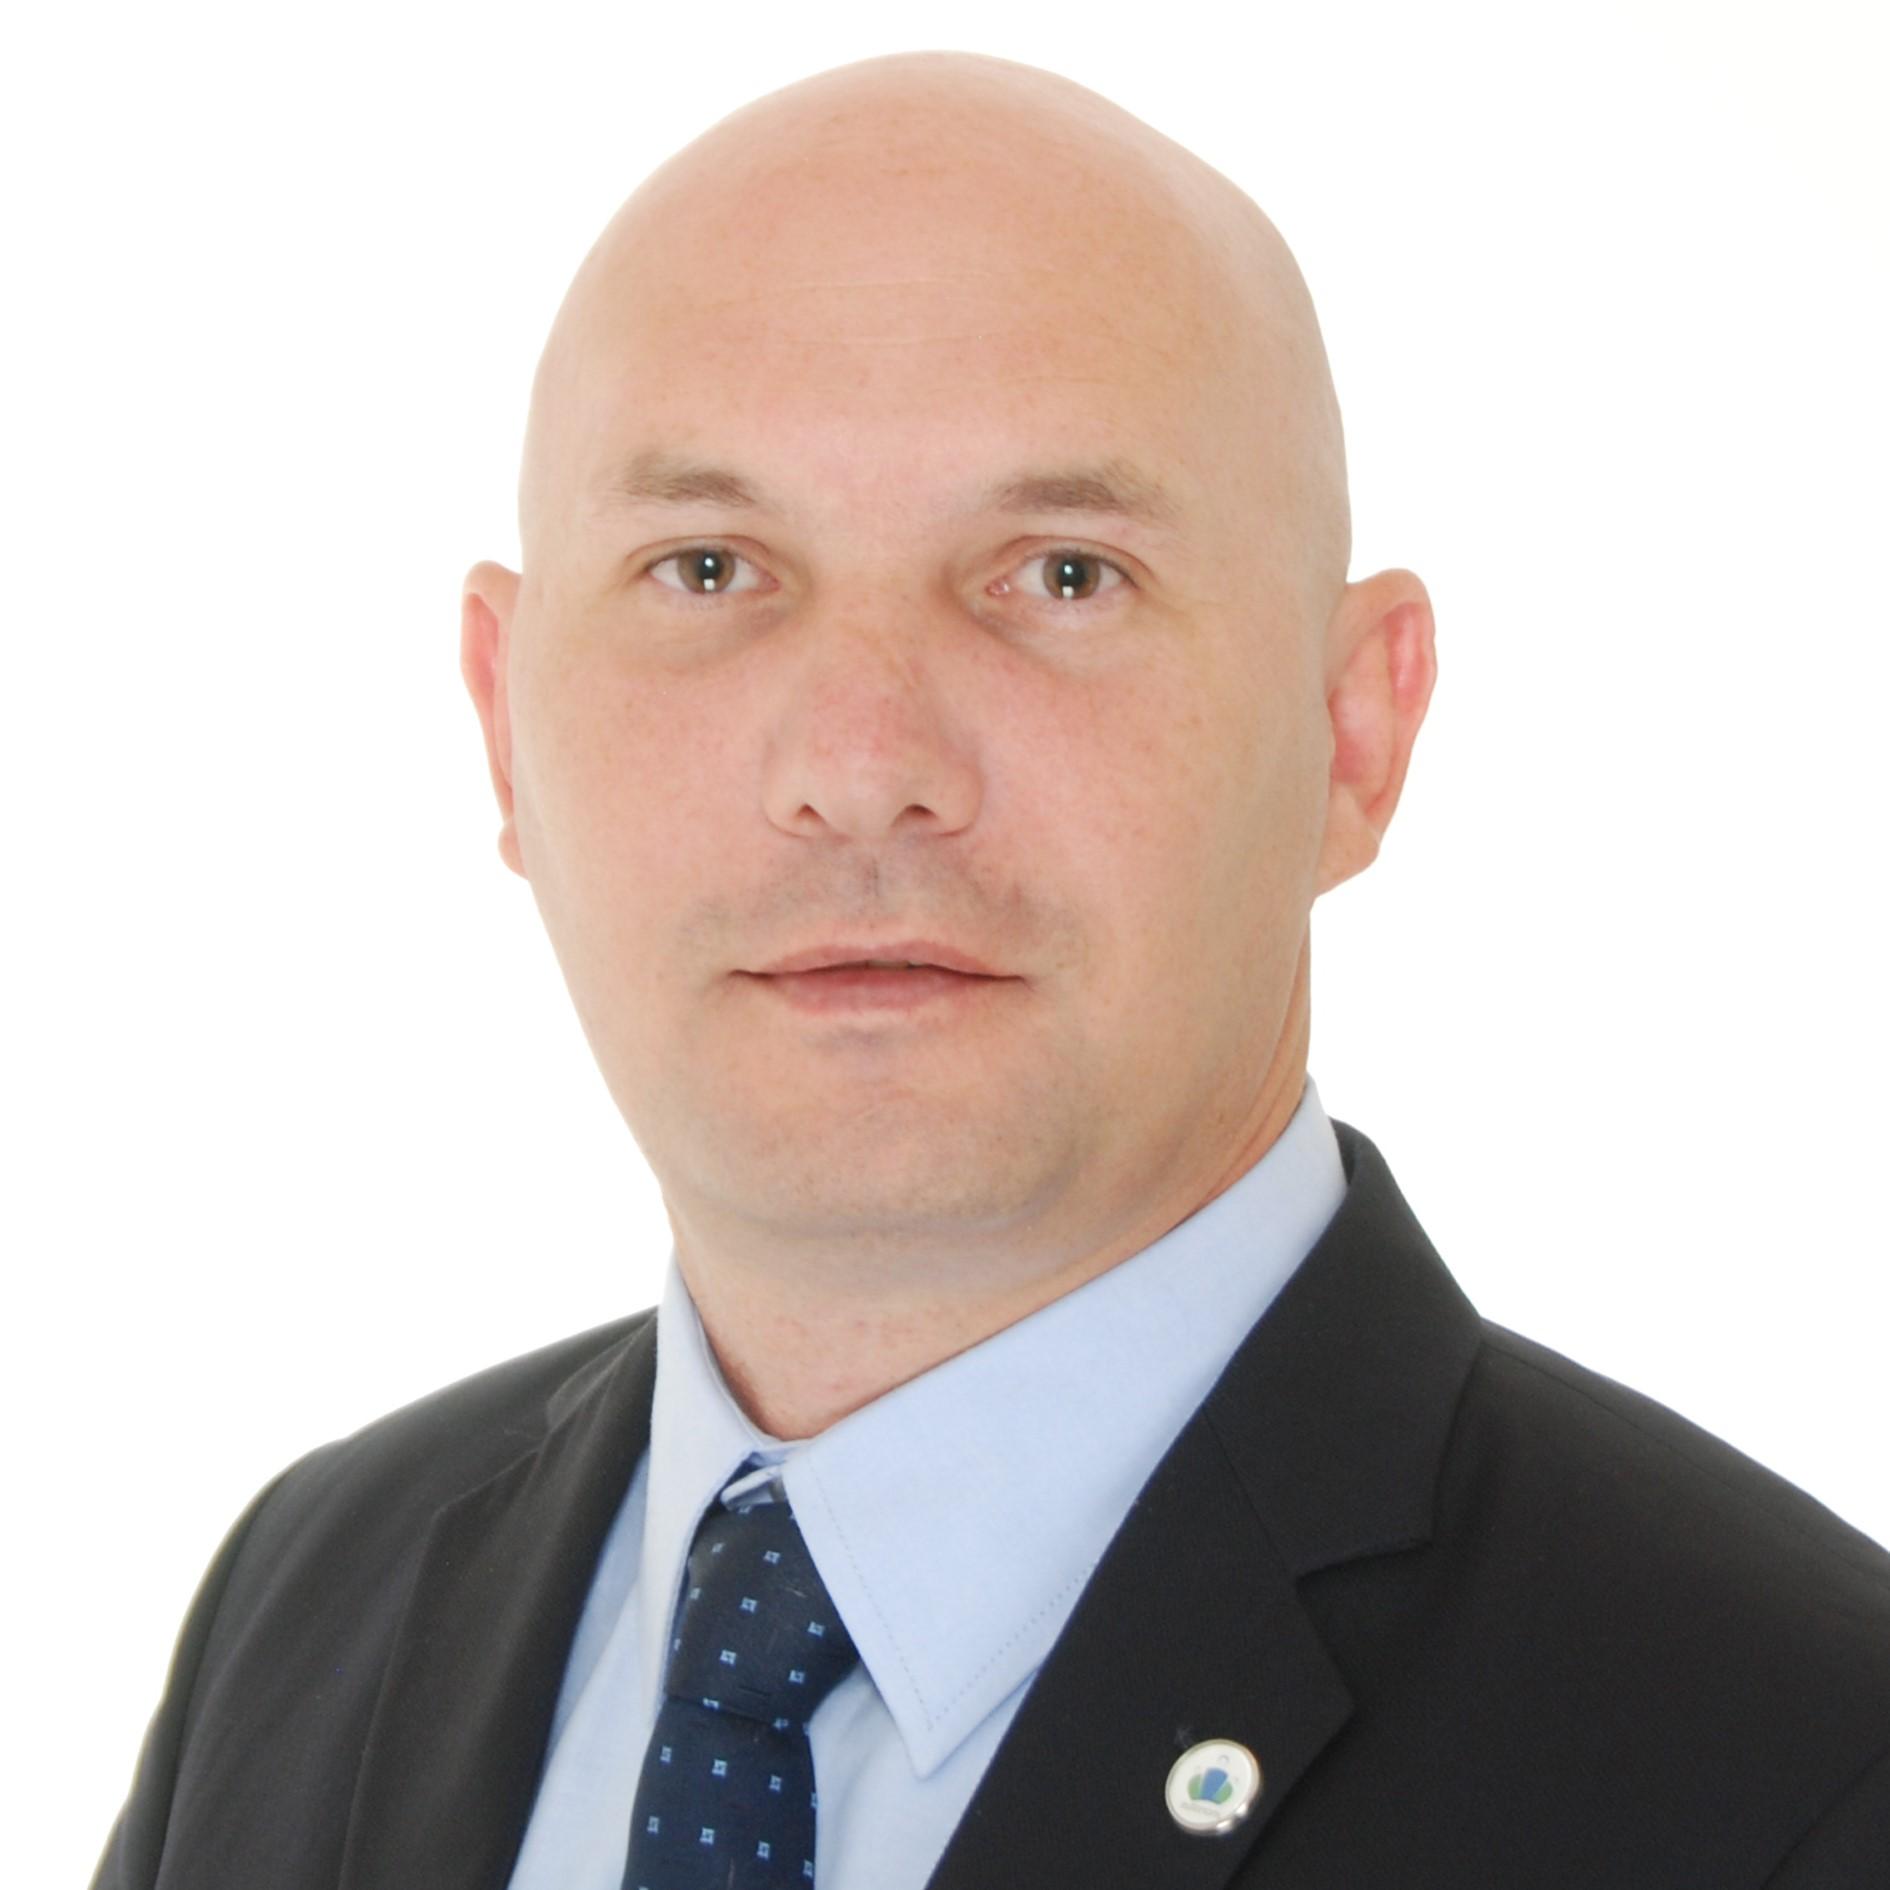 Radu Predescu